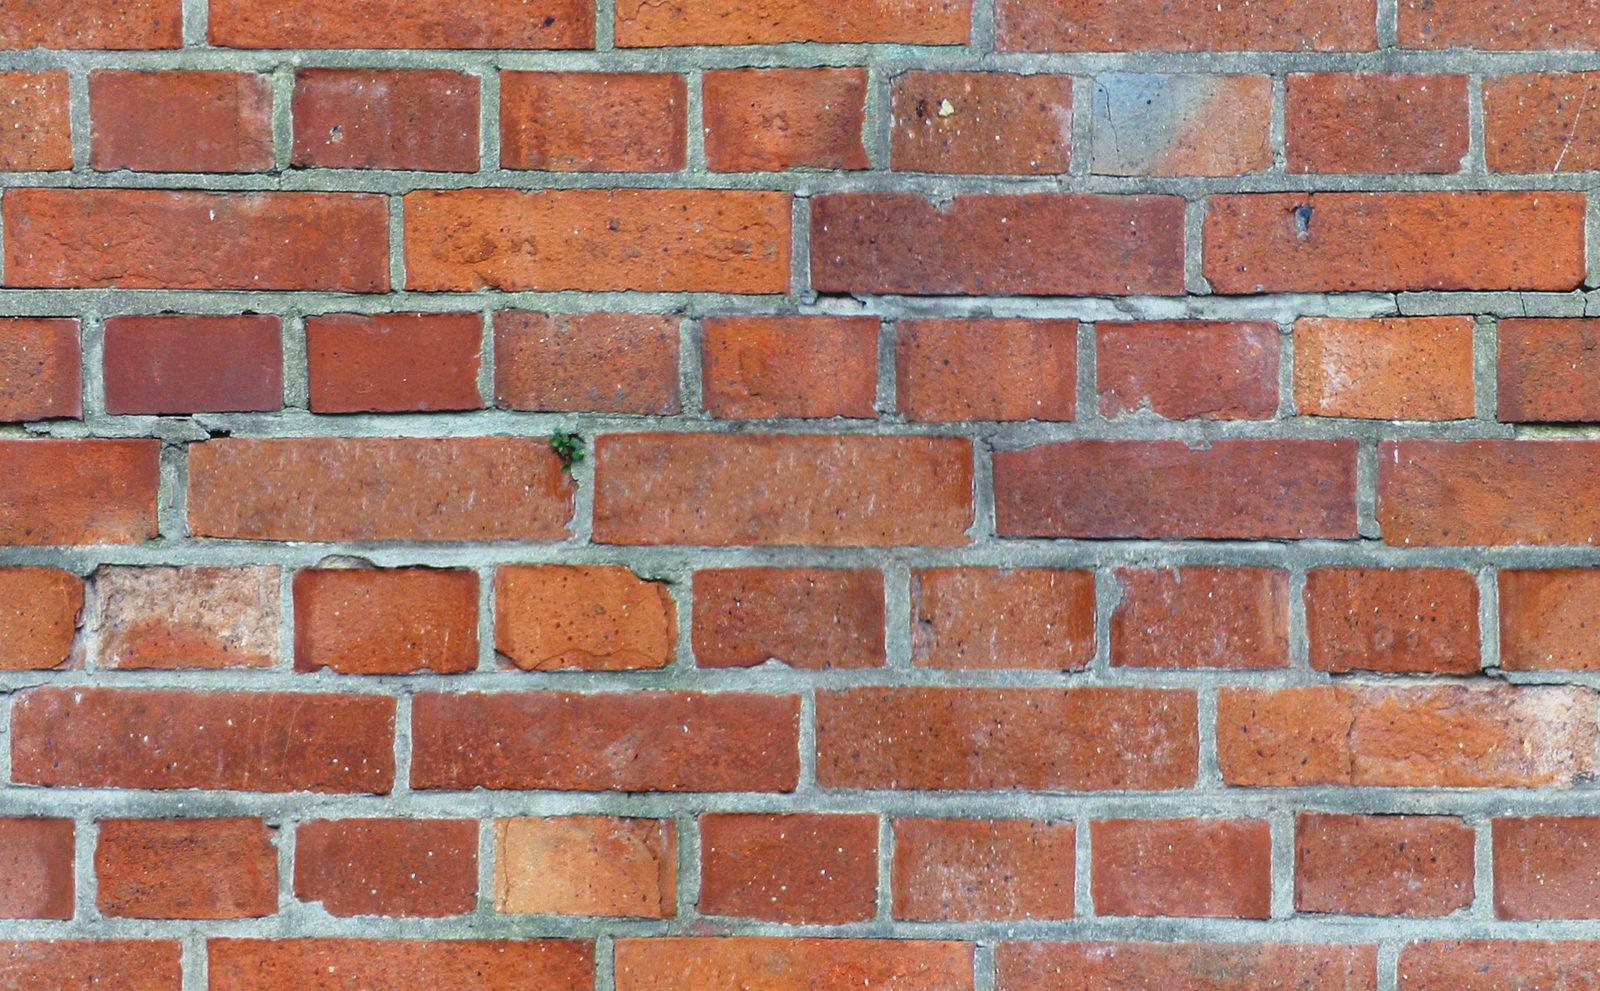 wand_mauer-4_Die Wand als raumabschließendes Bauteil Foto_Archiv